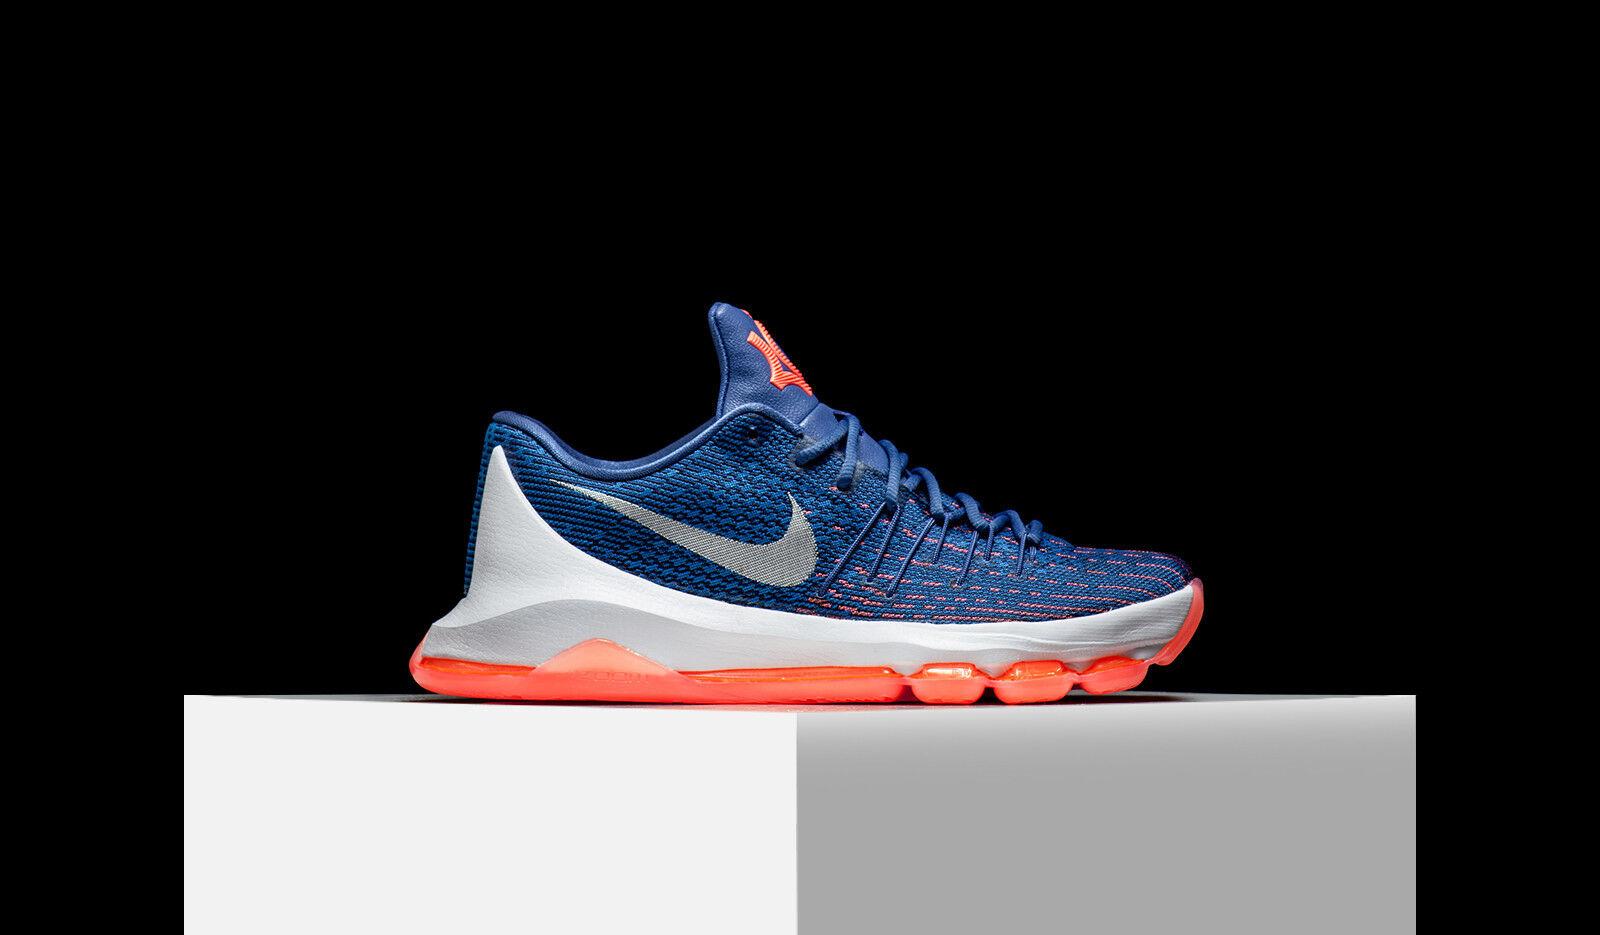 Nike air lunar max 90 lunar air allunaggio noi uk7 8 9 10 11 12 sp 700098-007 apollo 2014 178125